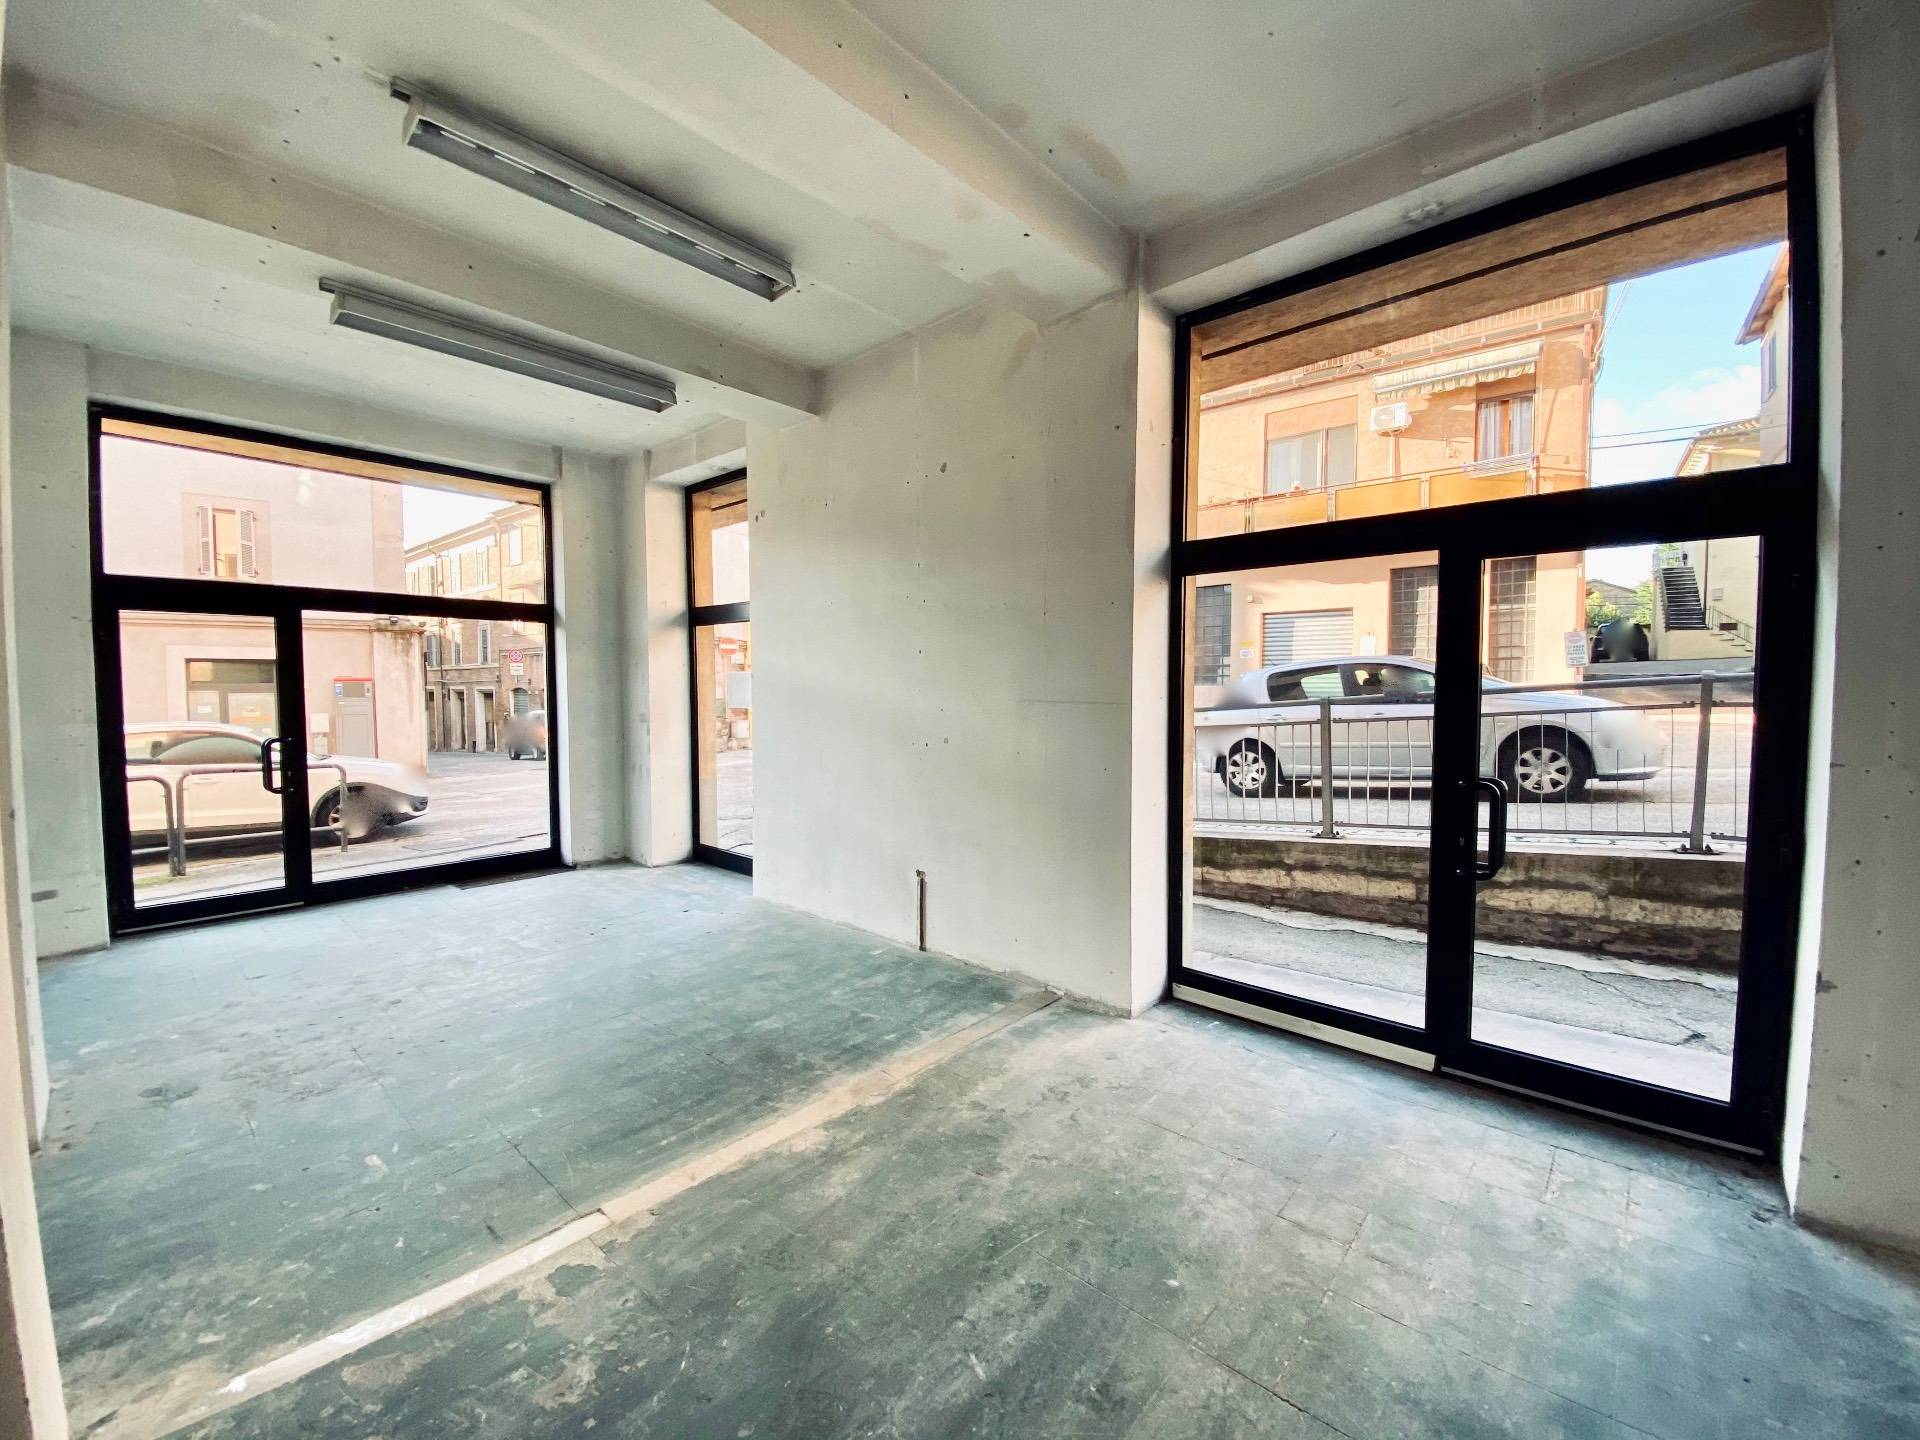 Negozio / Locale in affitto a Fabriano, 9999 locali, zona Località: CENTROSTORICO, prezzo € 380 | CambioCasa.it